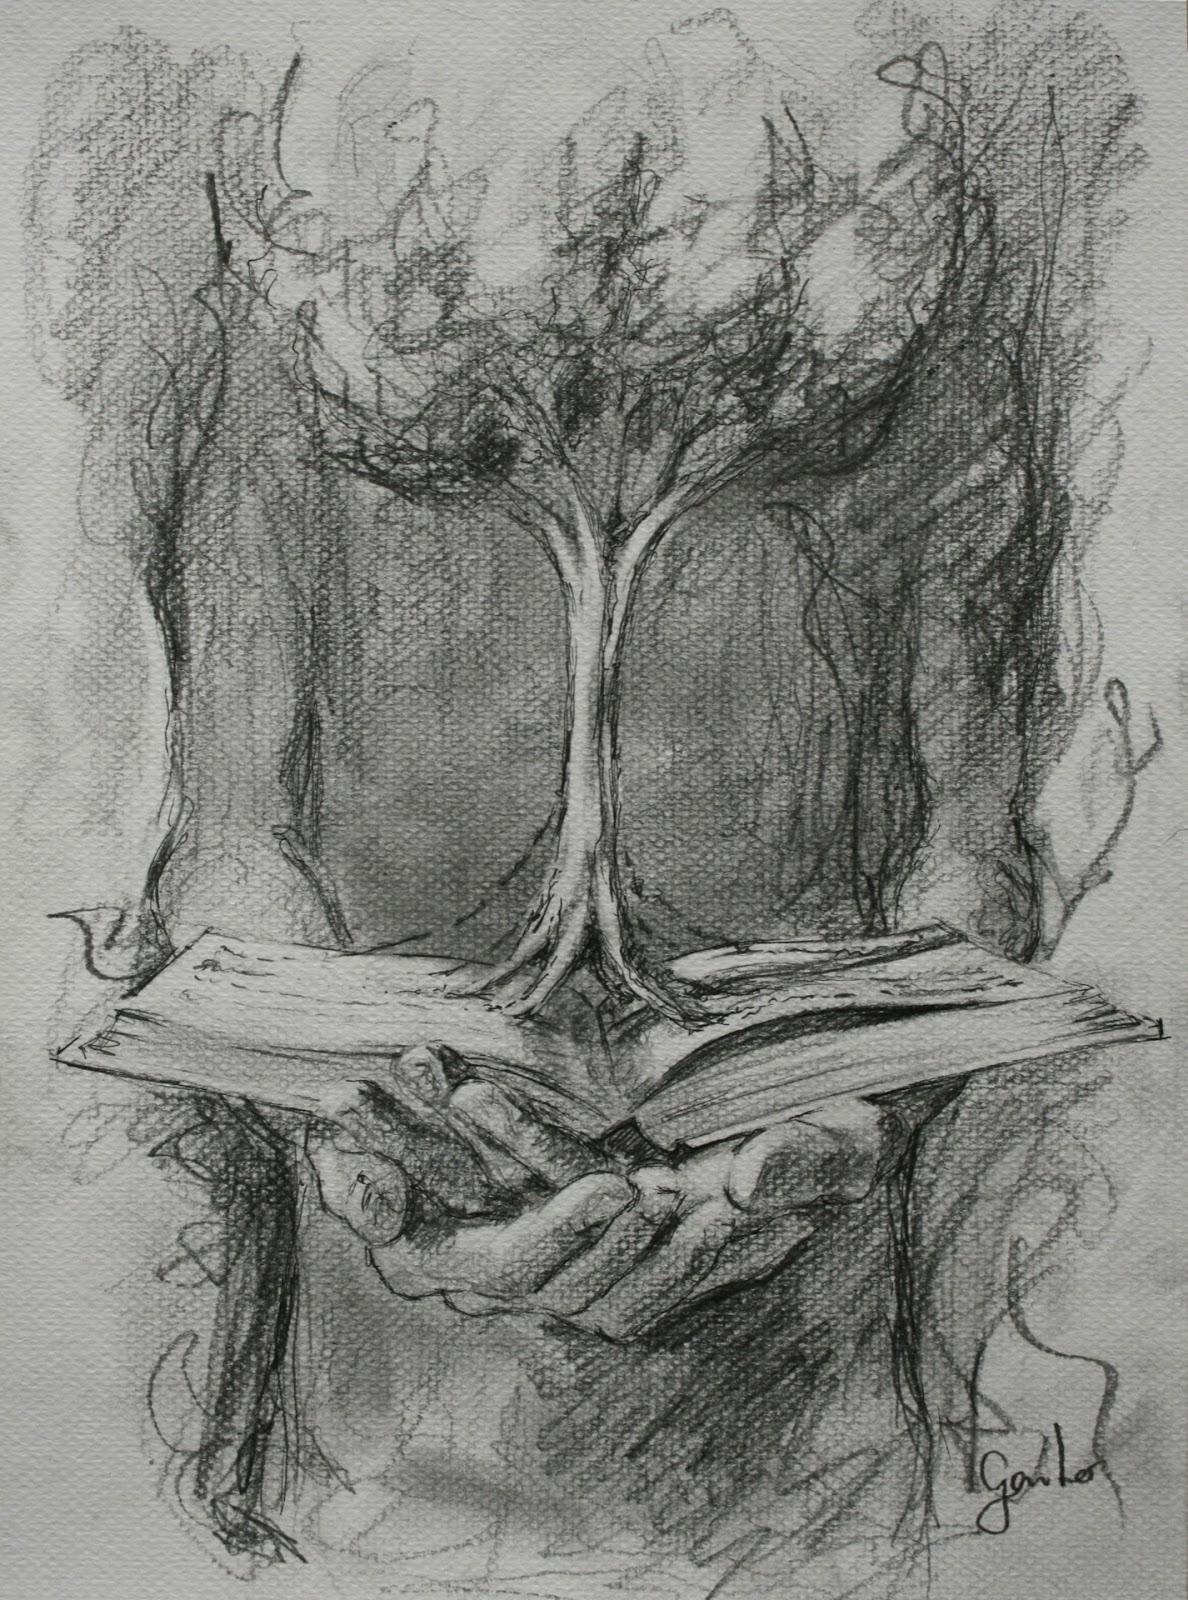 Worksheet. Gaito Libro rbol y manos Dibujo a lpiz